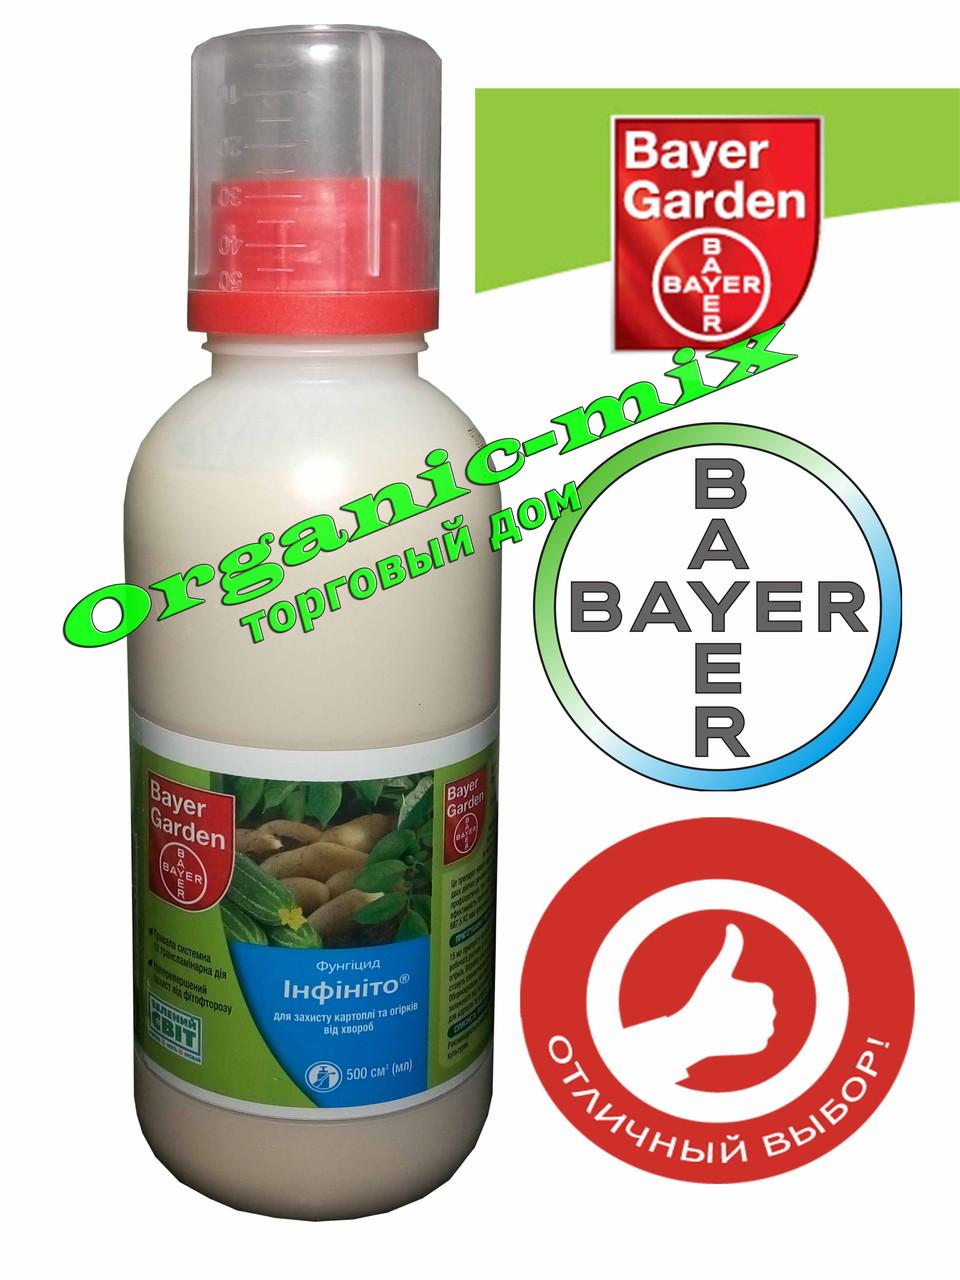 Инфинито, 500 мл, защитный фунгицид для овощей, Bayer (Германия)